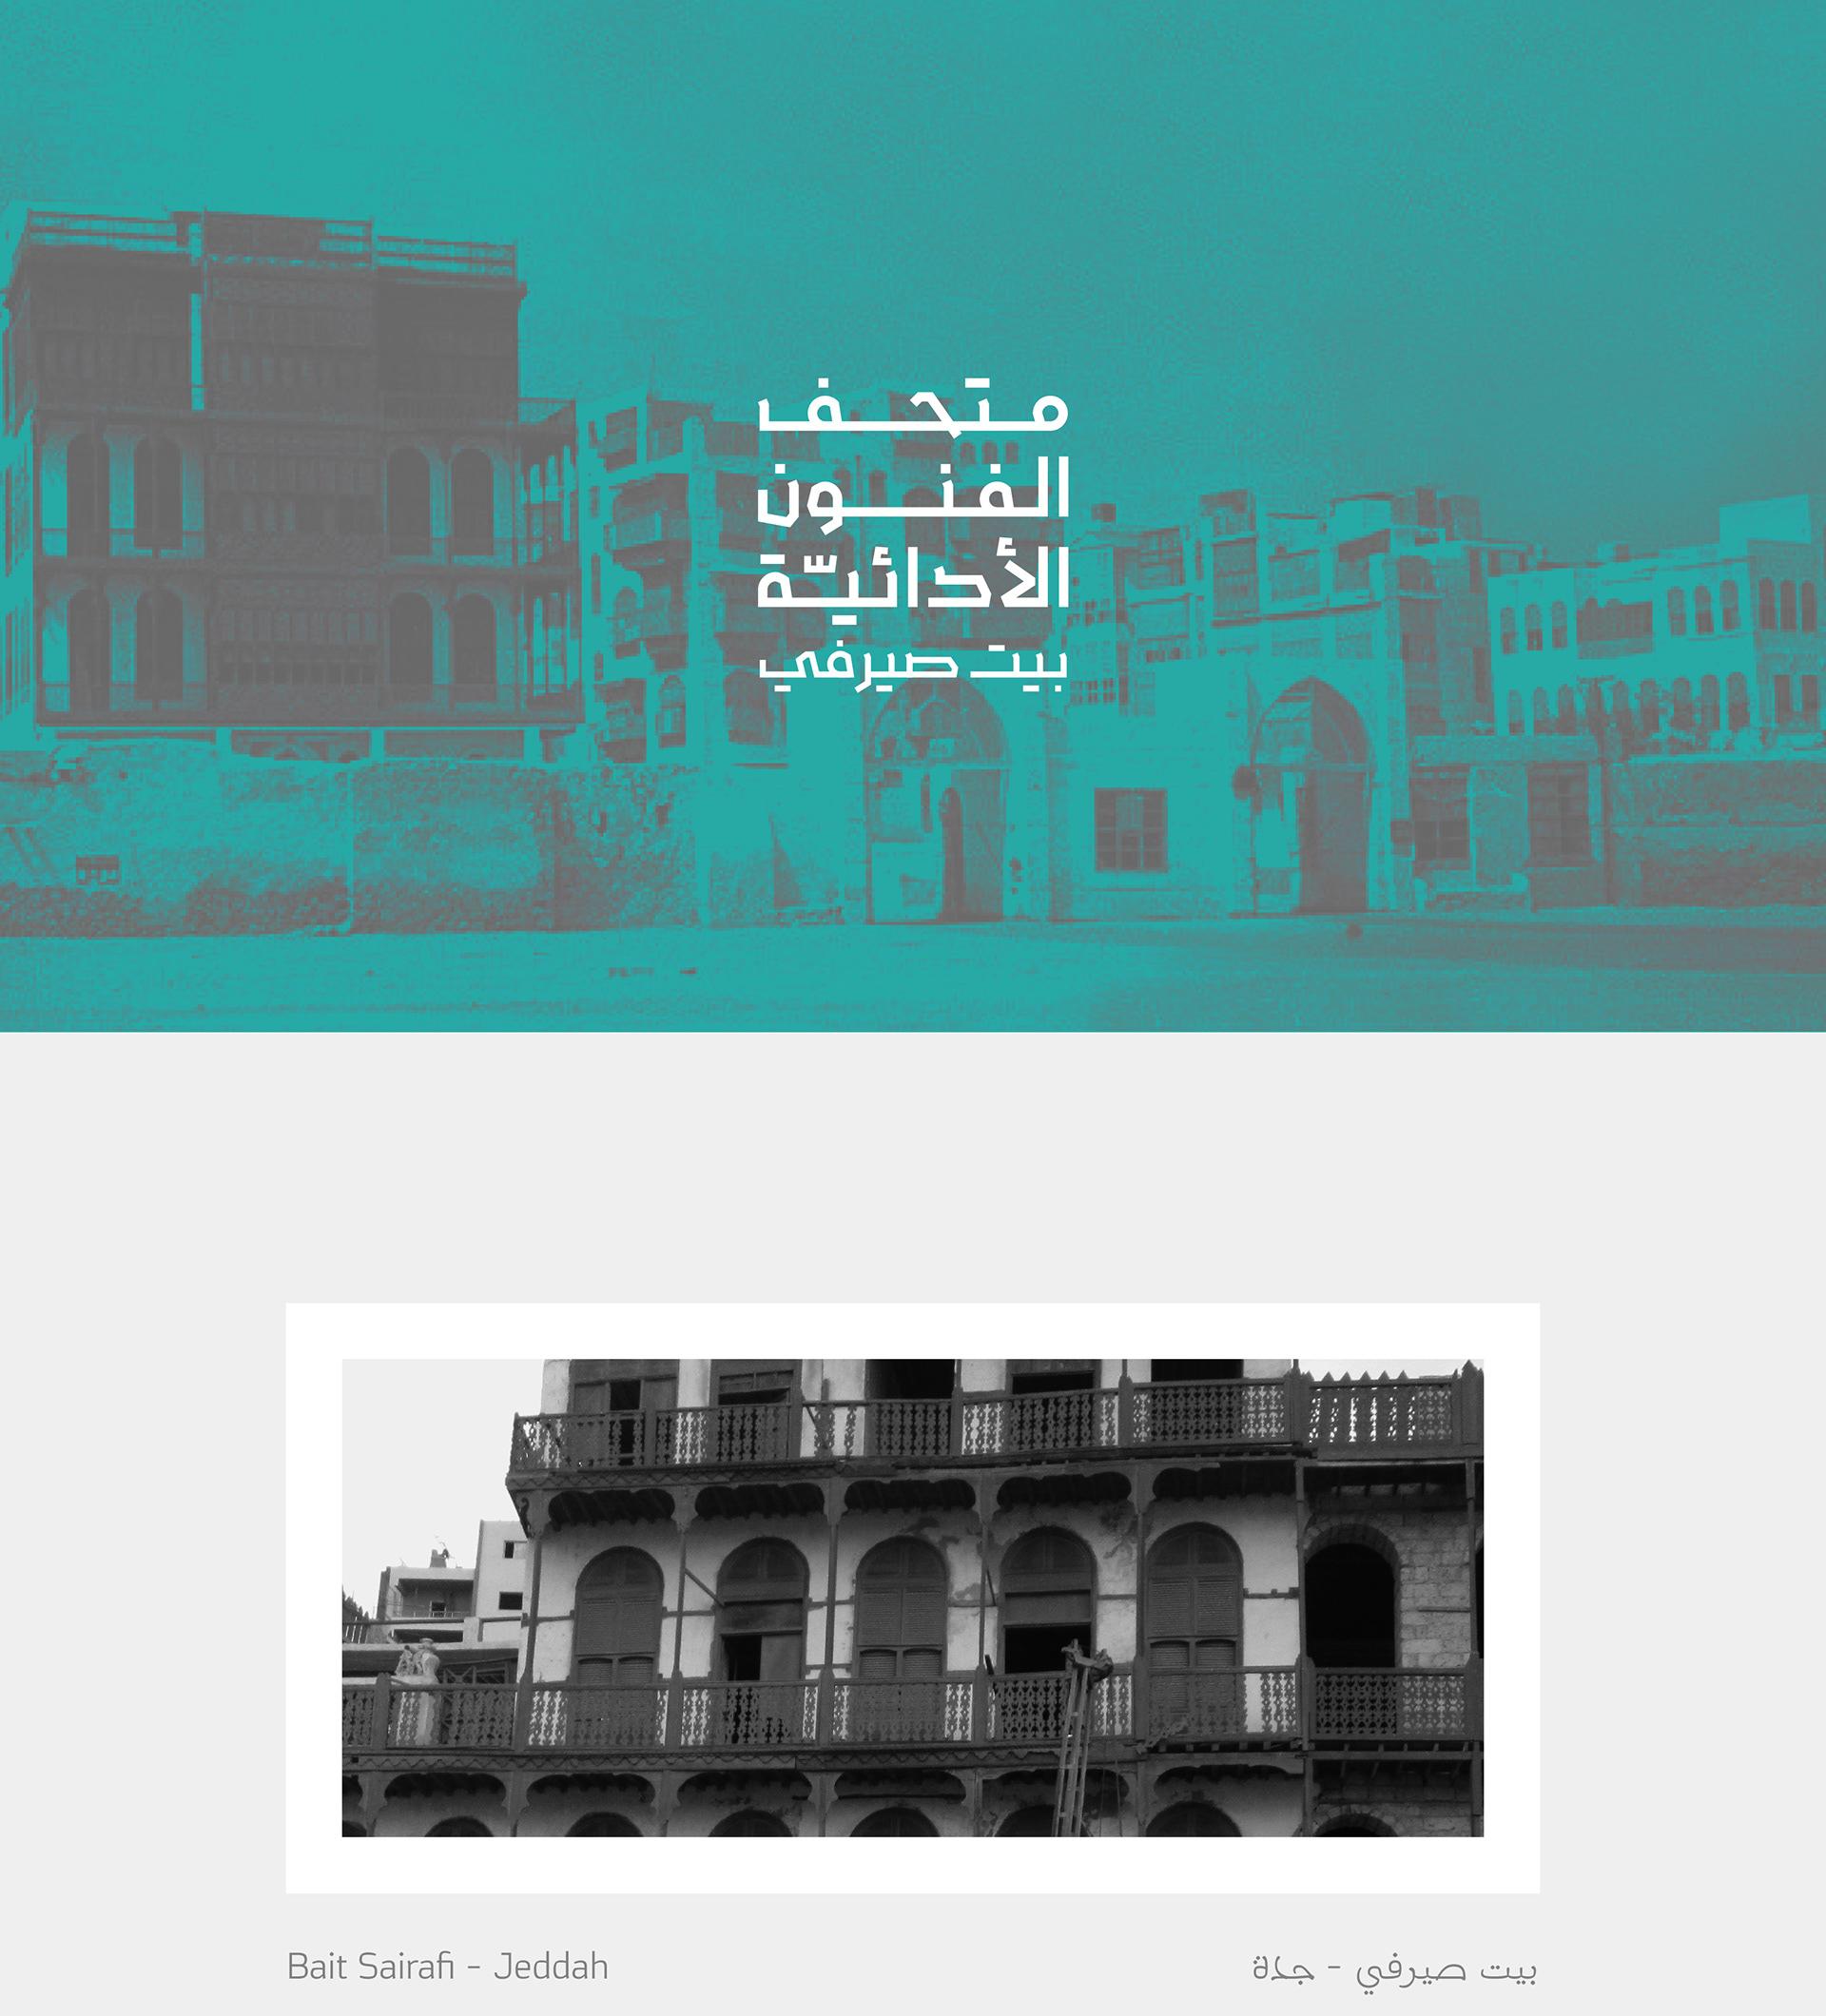 Bait Al-Sairafi